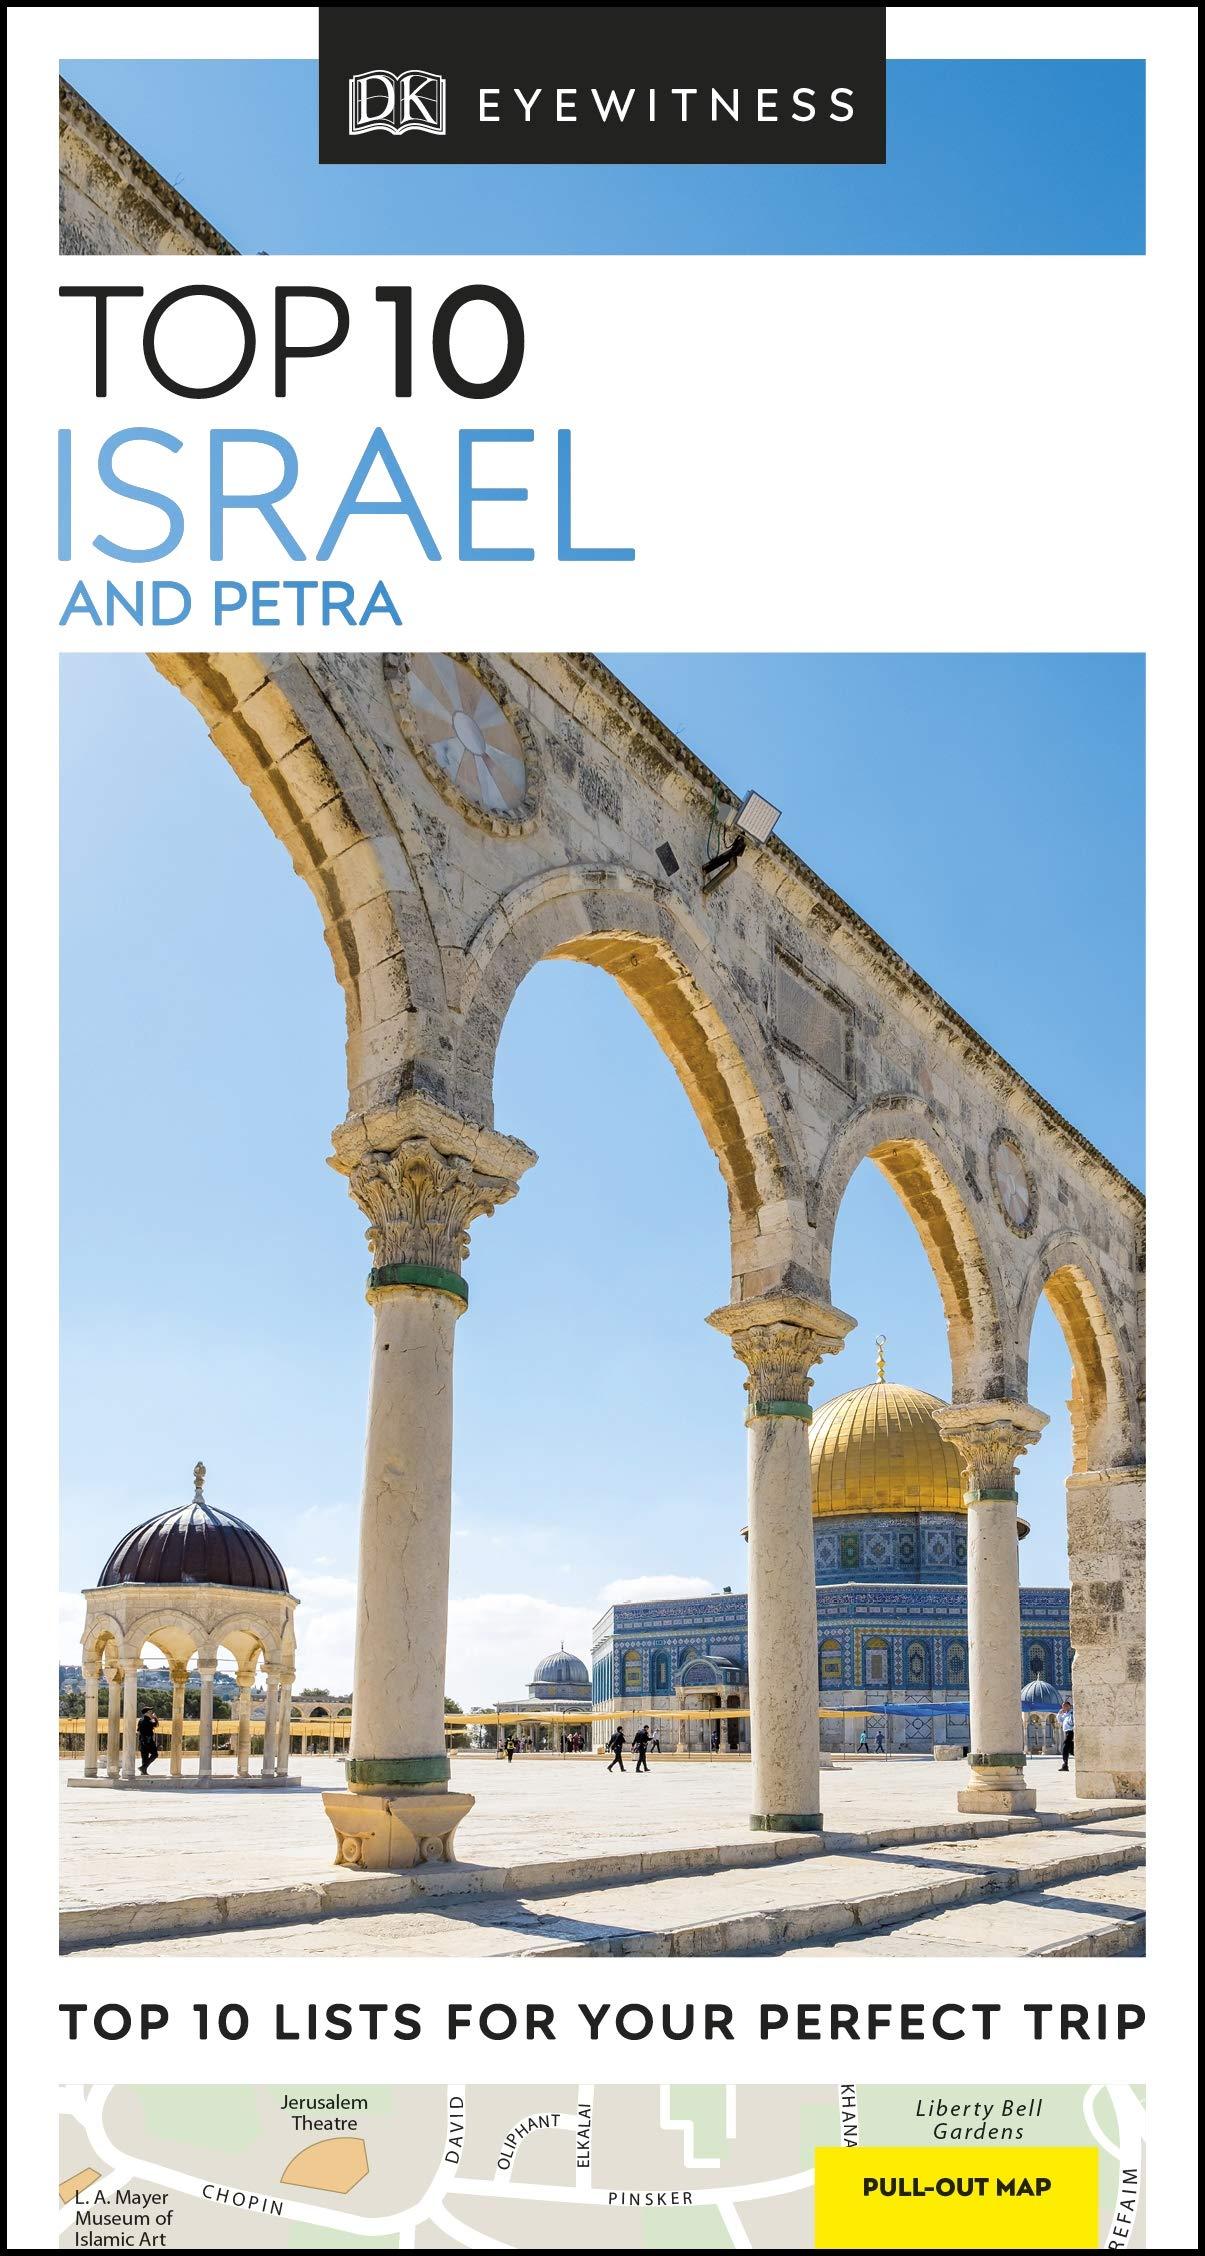 מדריך באנגלית DK ישראל ופטרה